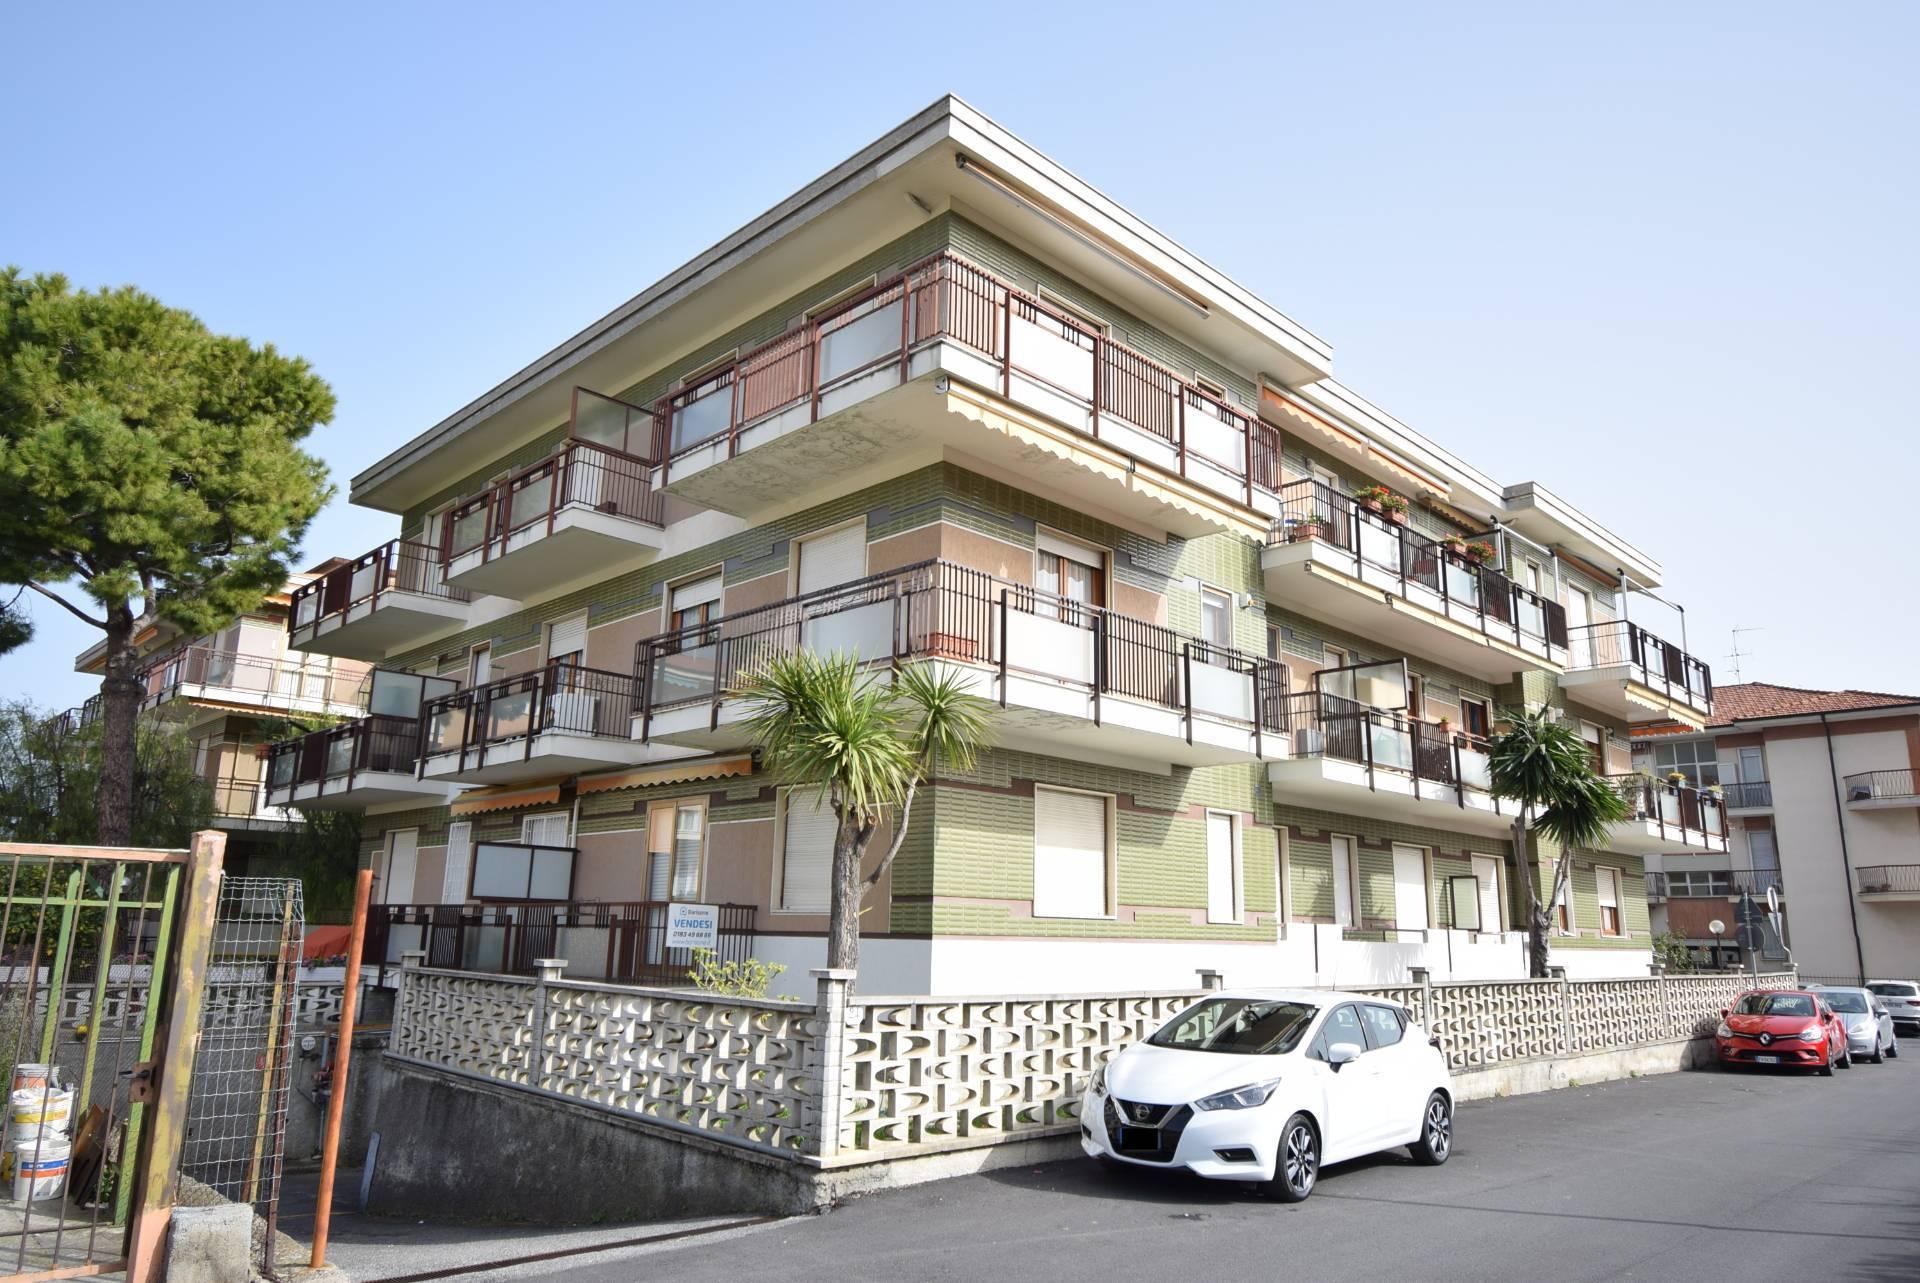 Appartamento in vendita a Diano Marina, 2 locali, prezzo € 175.000 | CambioCasa.it